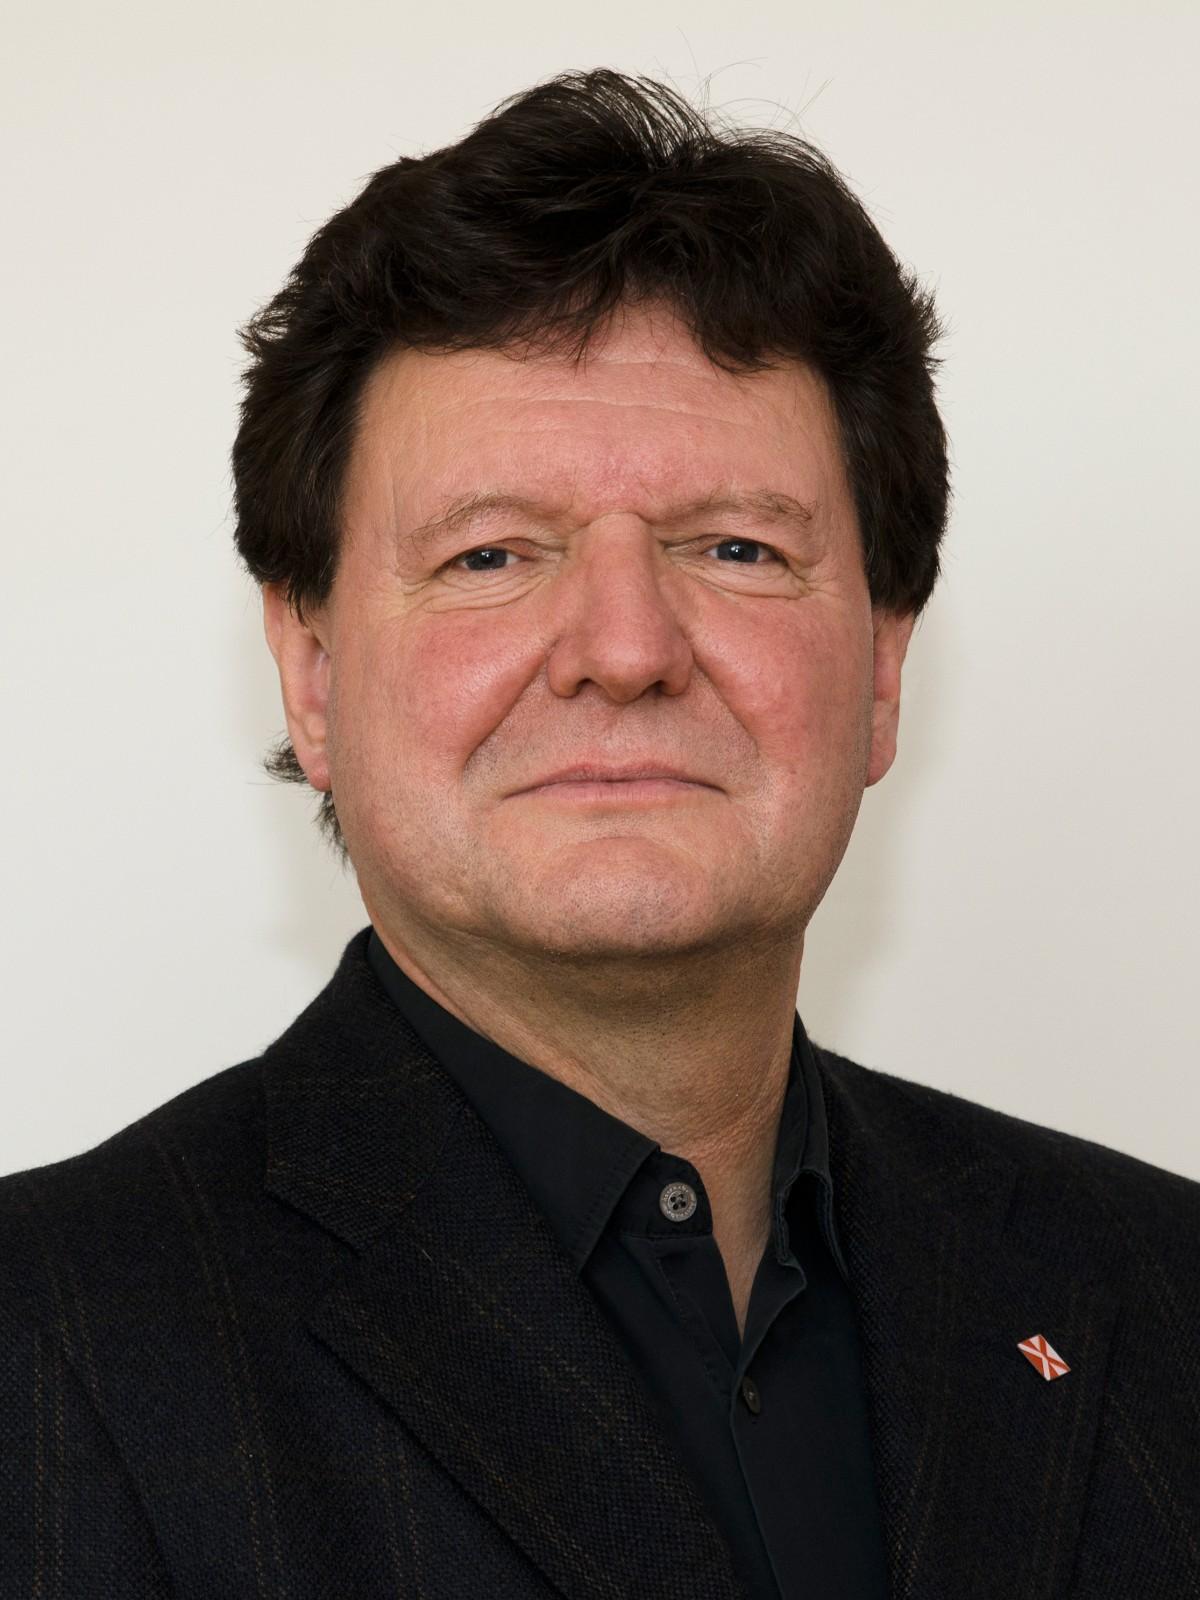 Edwin <b>Ernst Weber</b> - weber-edwin-ernst